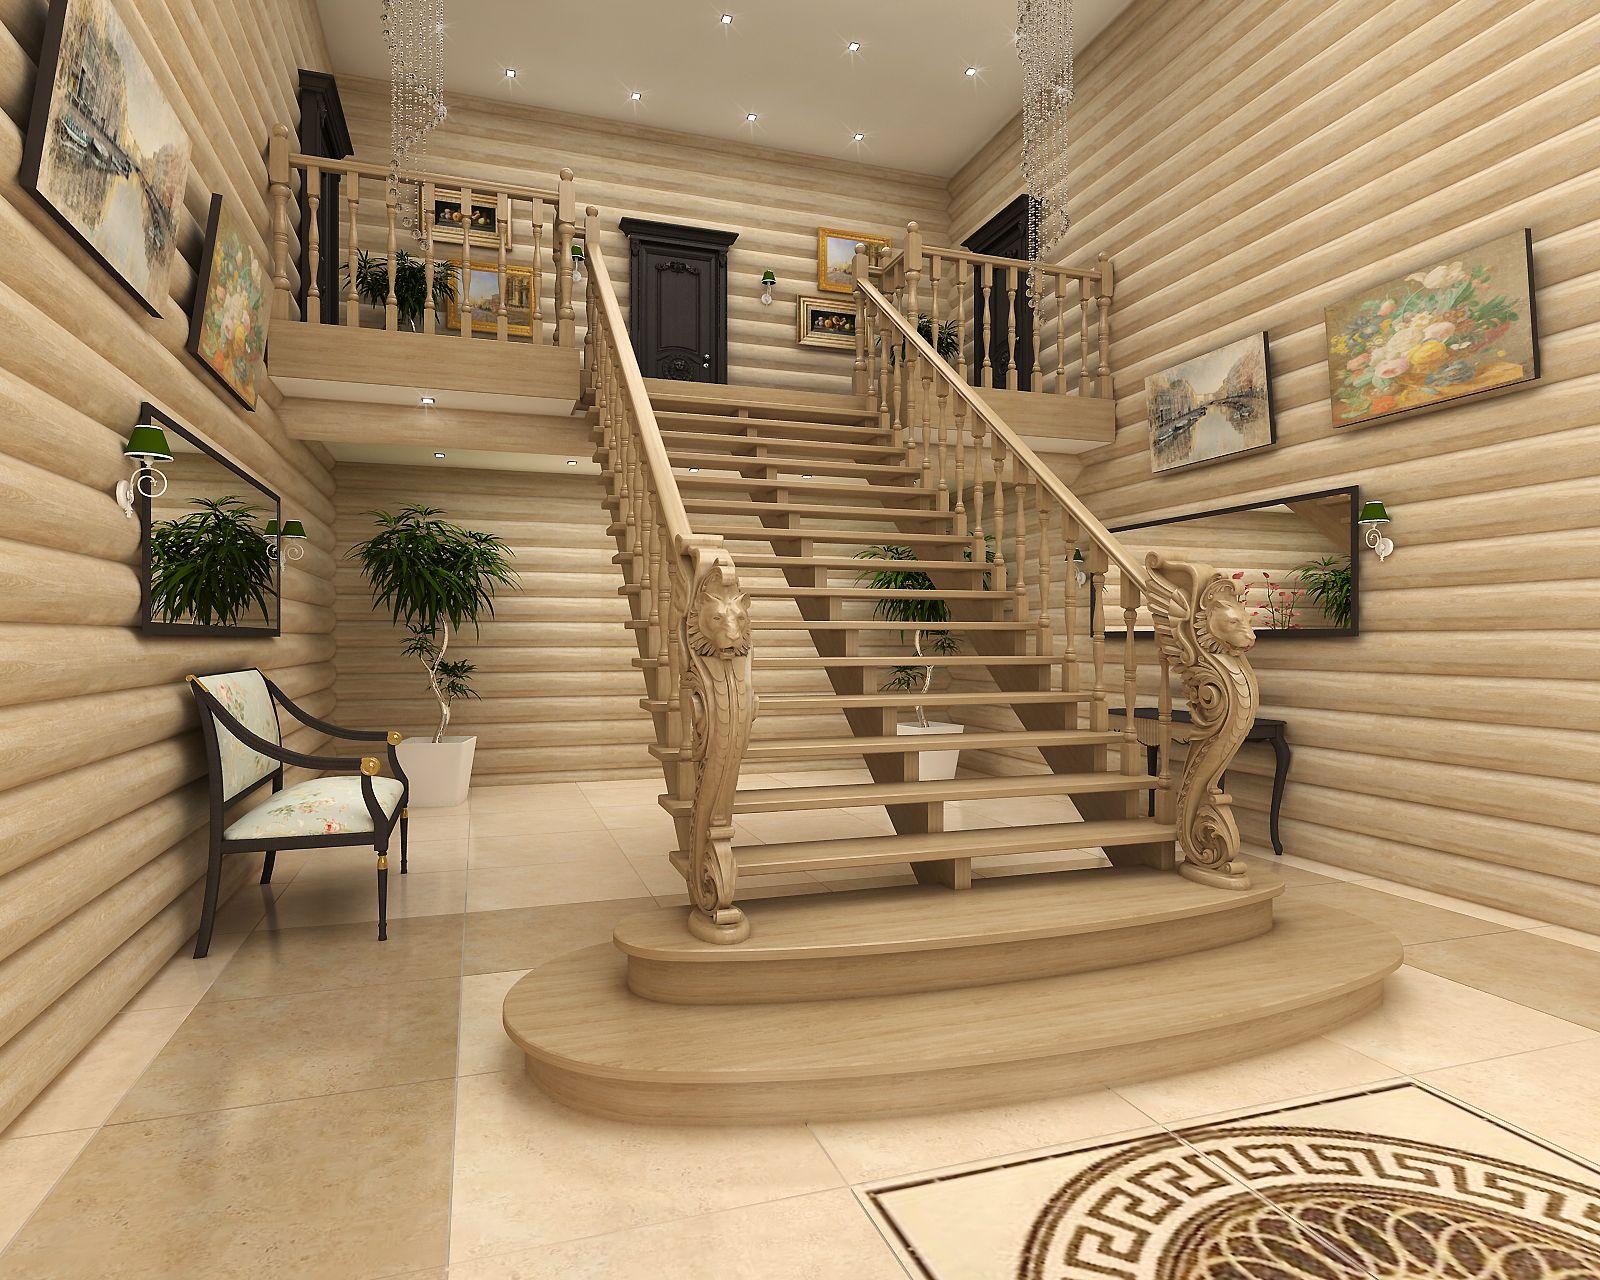 варьируются лучшие лестницы для дома фото этого словами